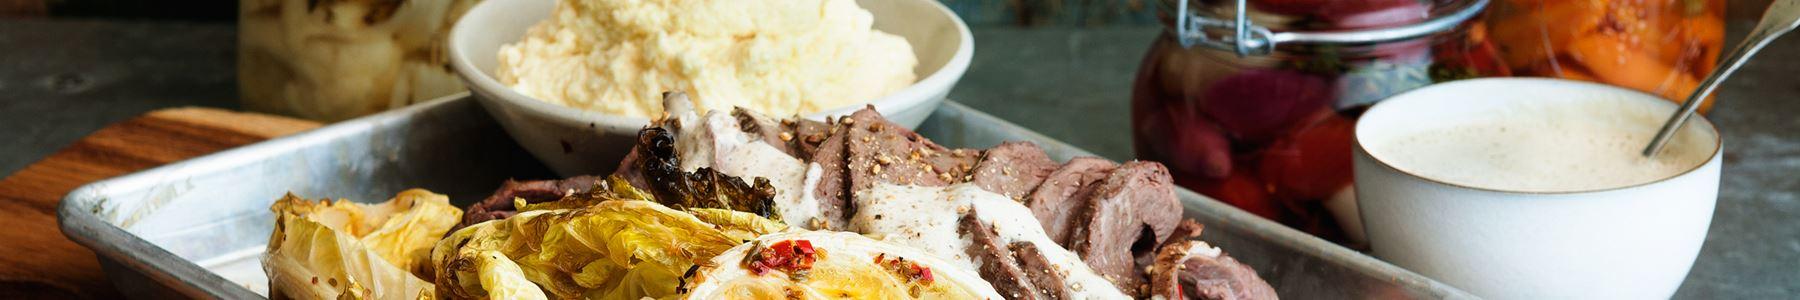 Lätt + Kött + Savoykål